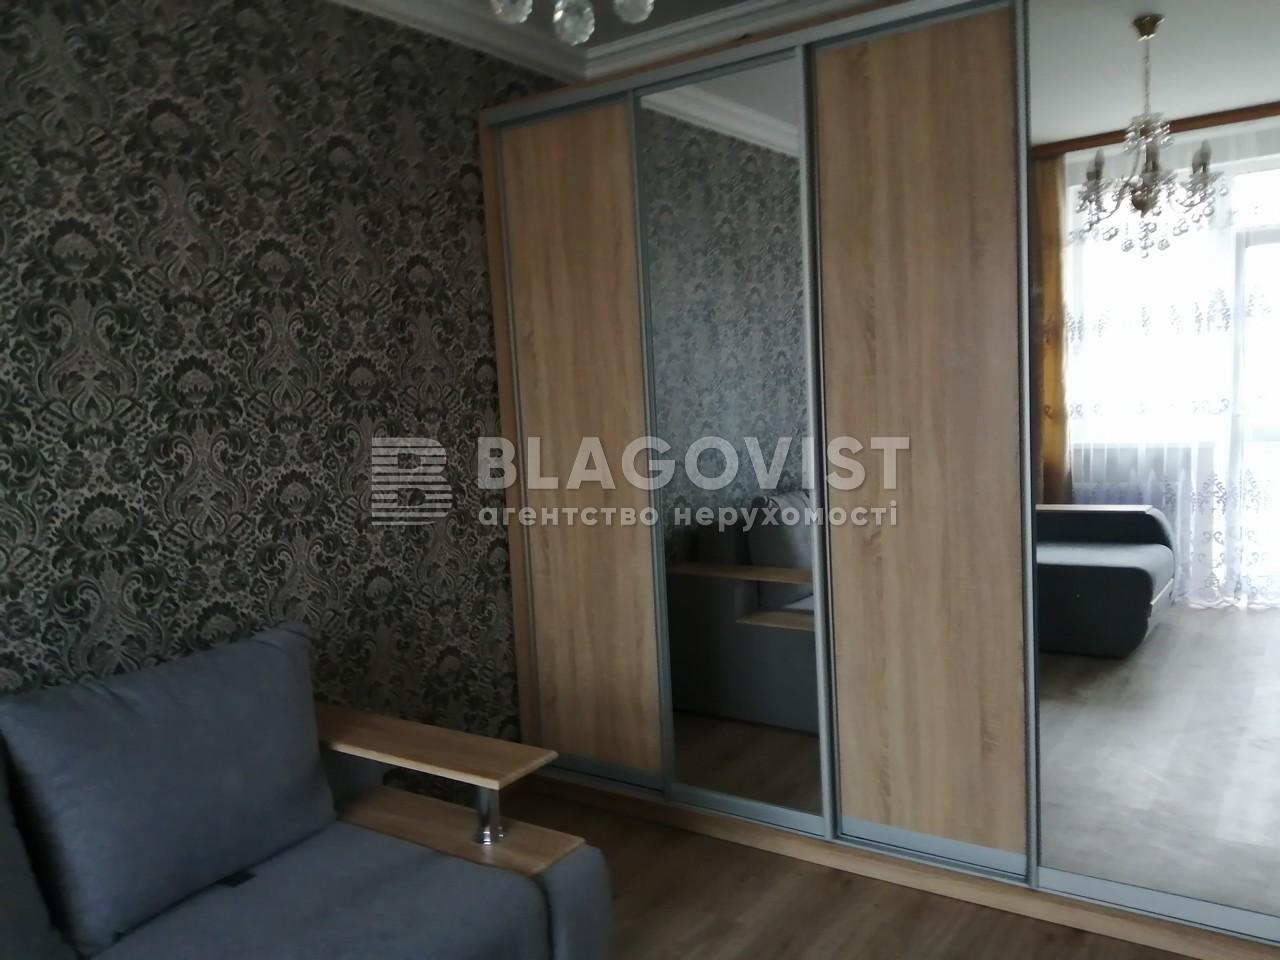 Квартира H-48529, Метрологическая, 56, Киев - Фото 6